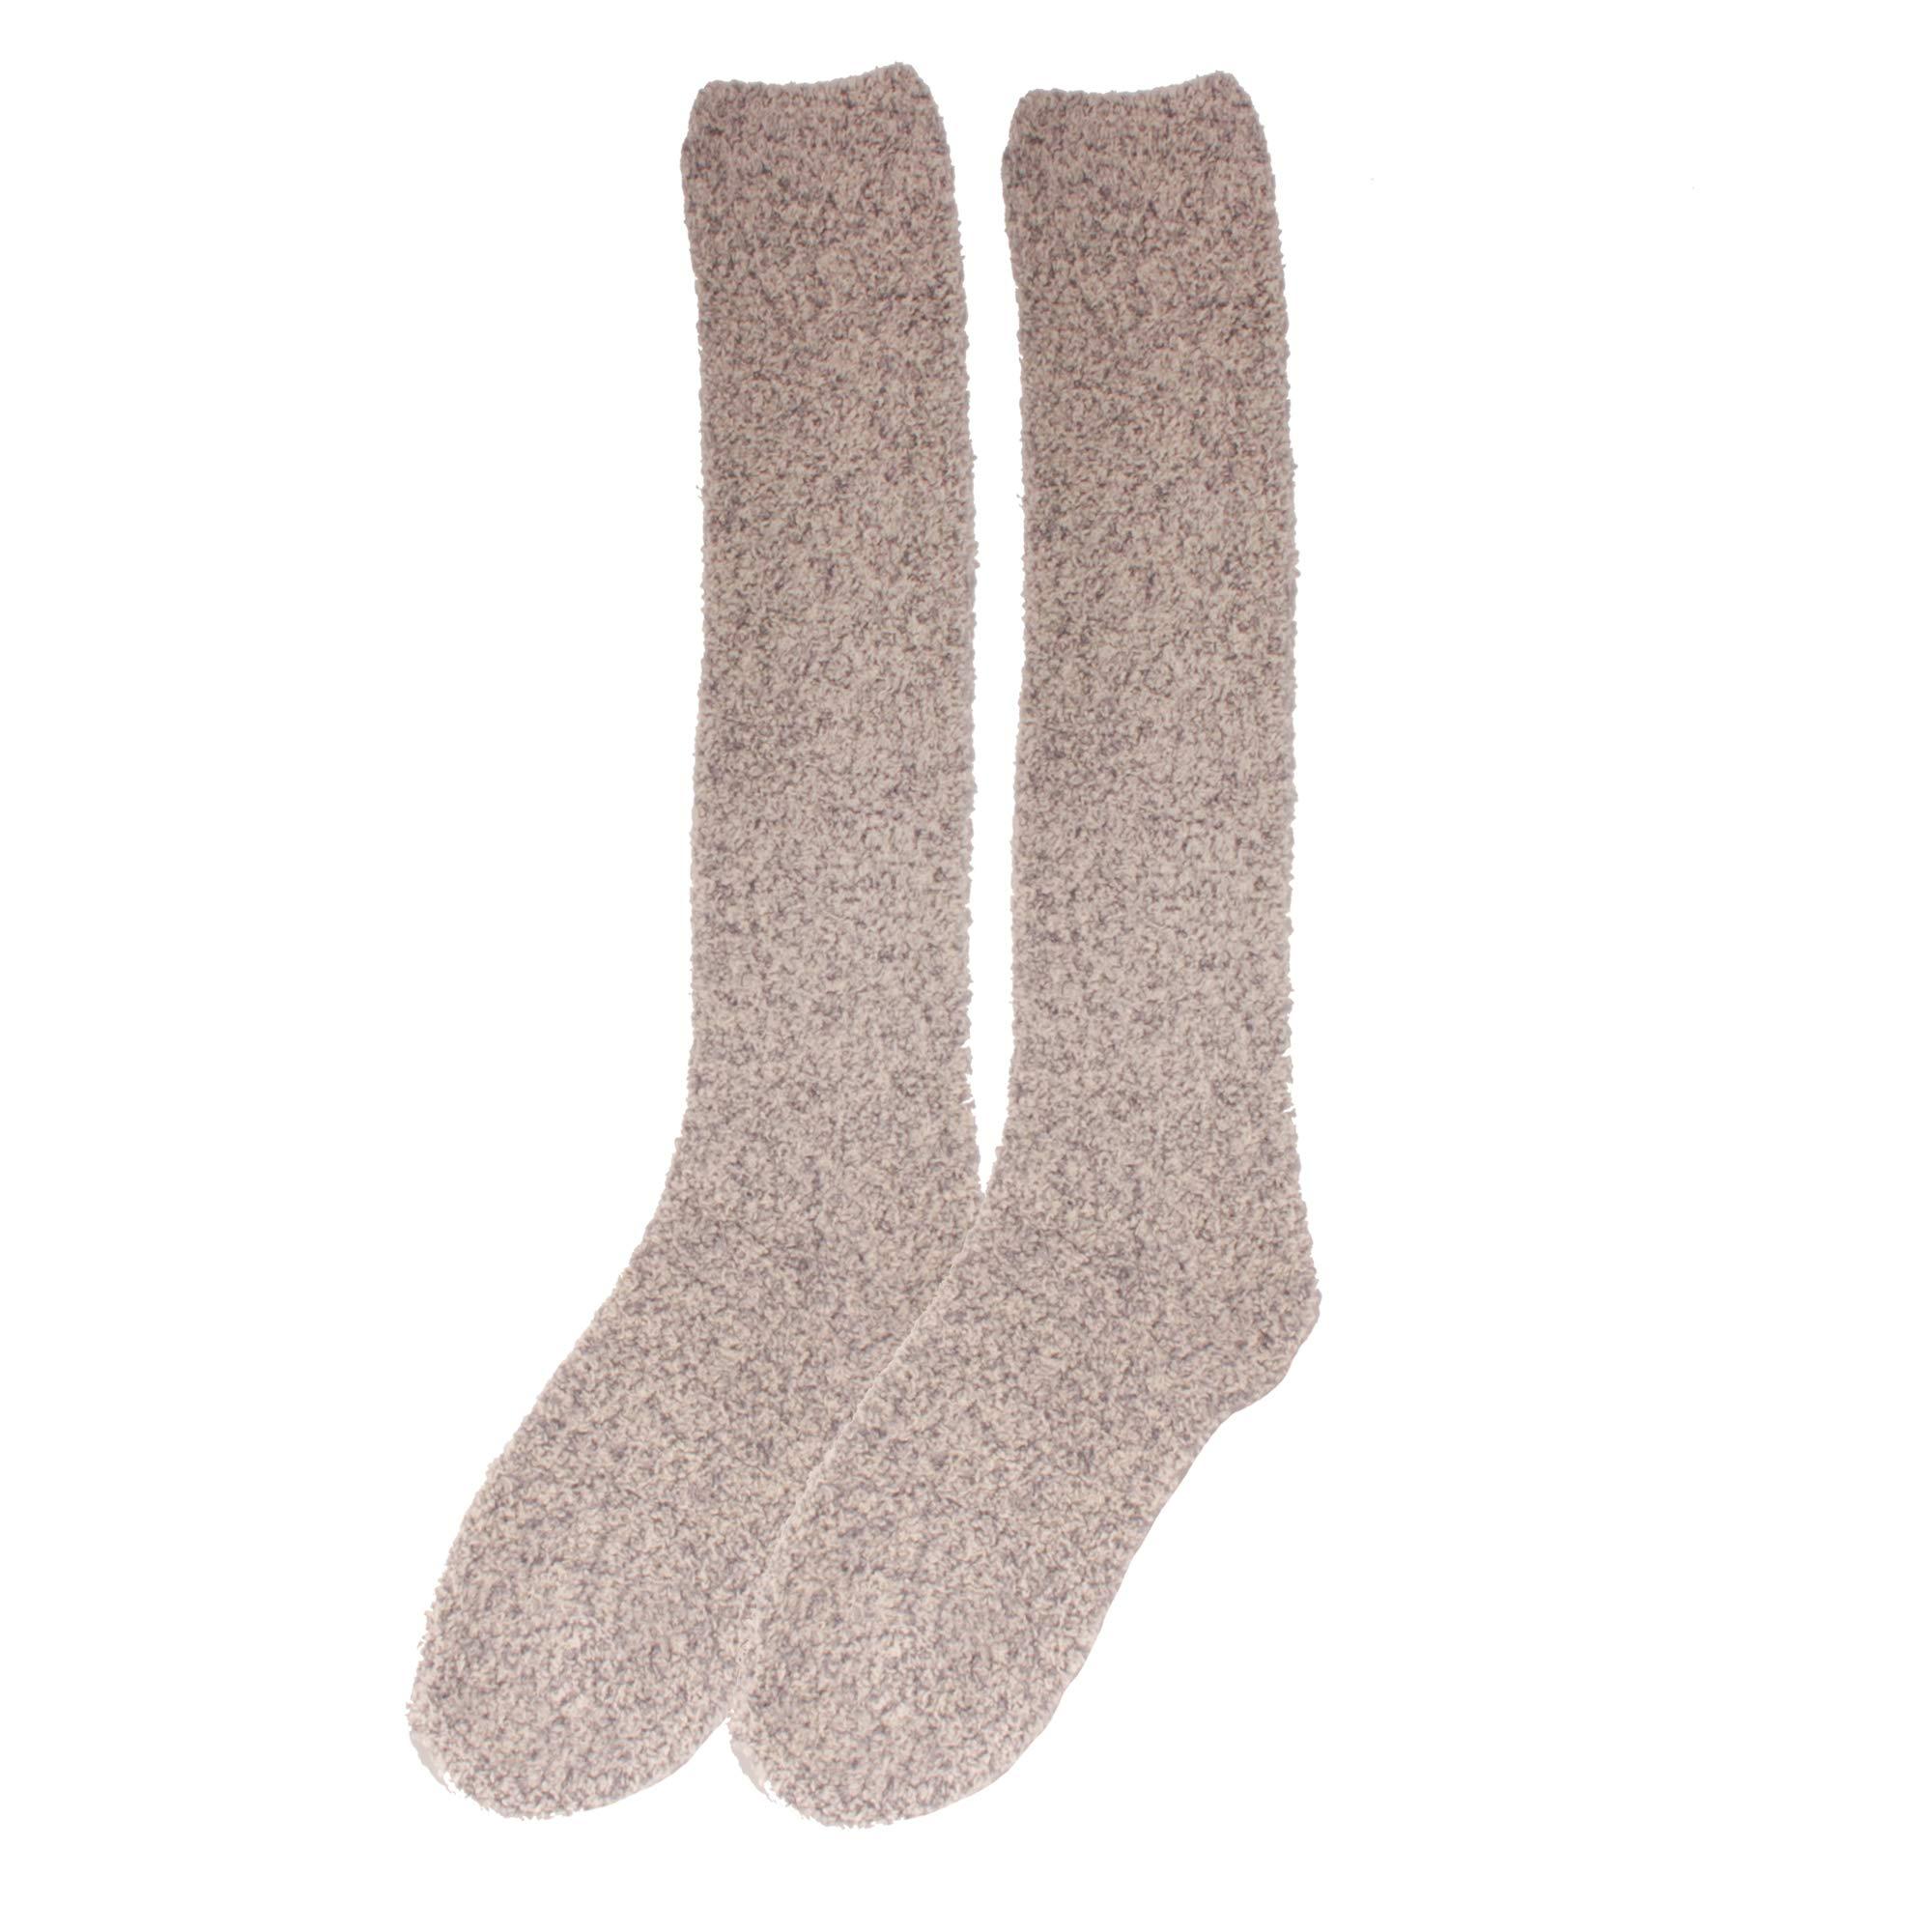 Women's Fuzzy Feather Soft Cozy Knee High Socks